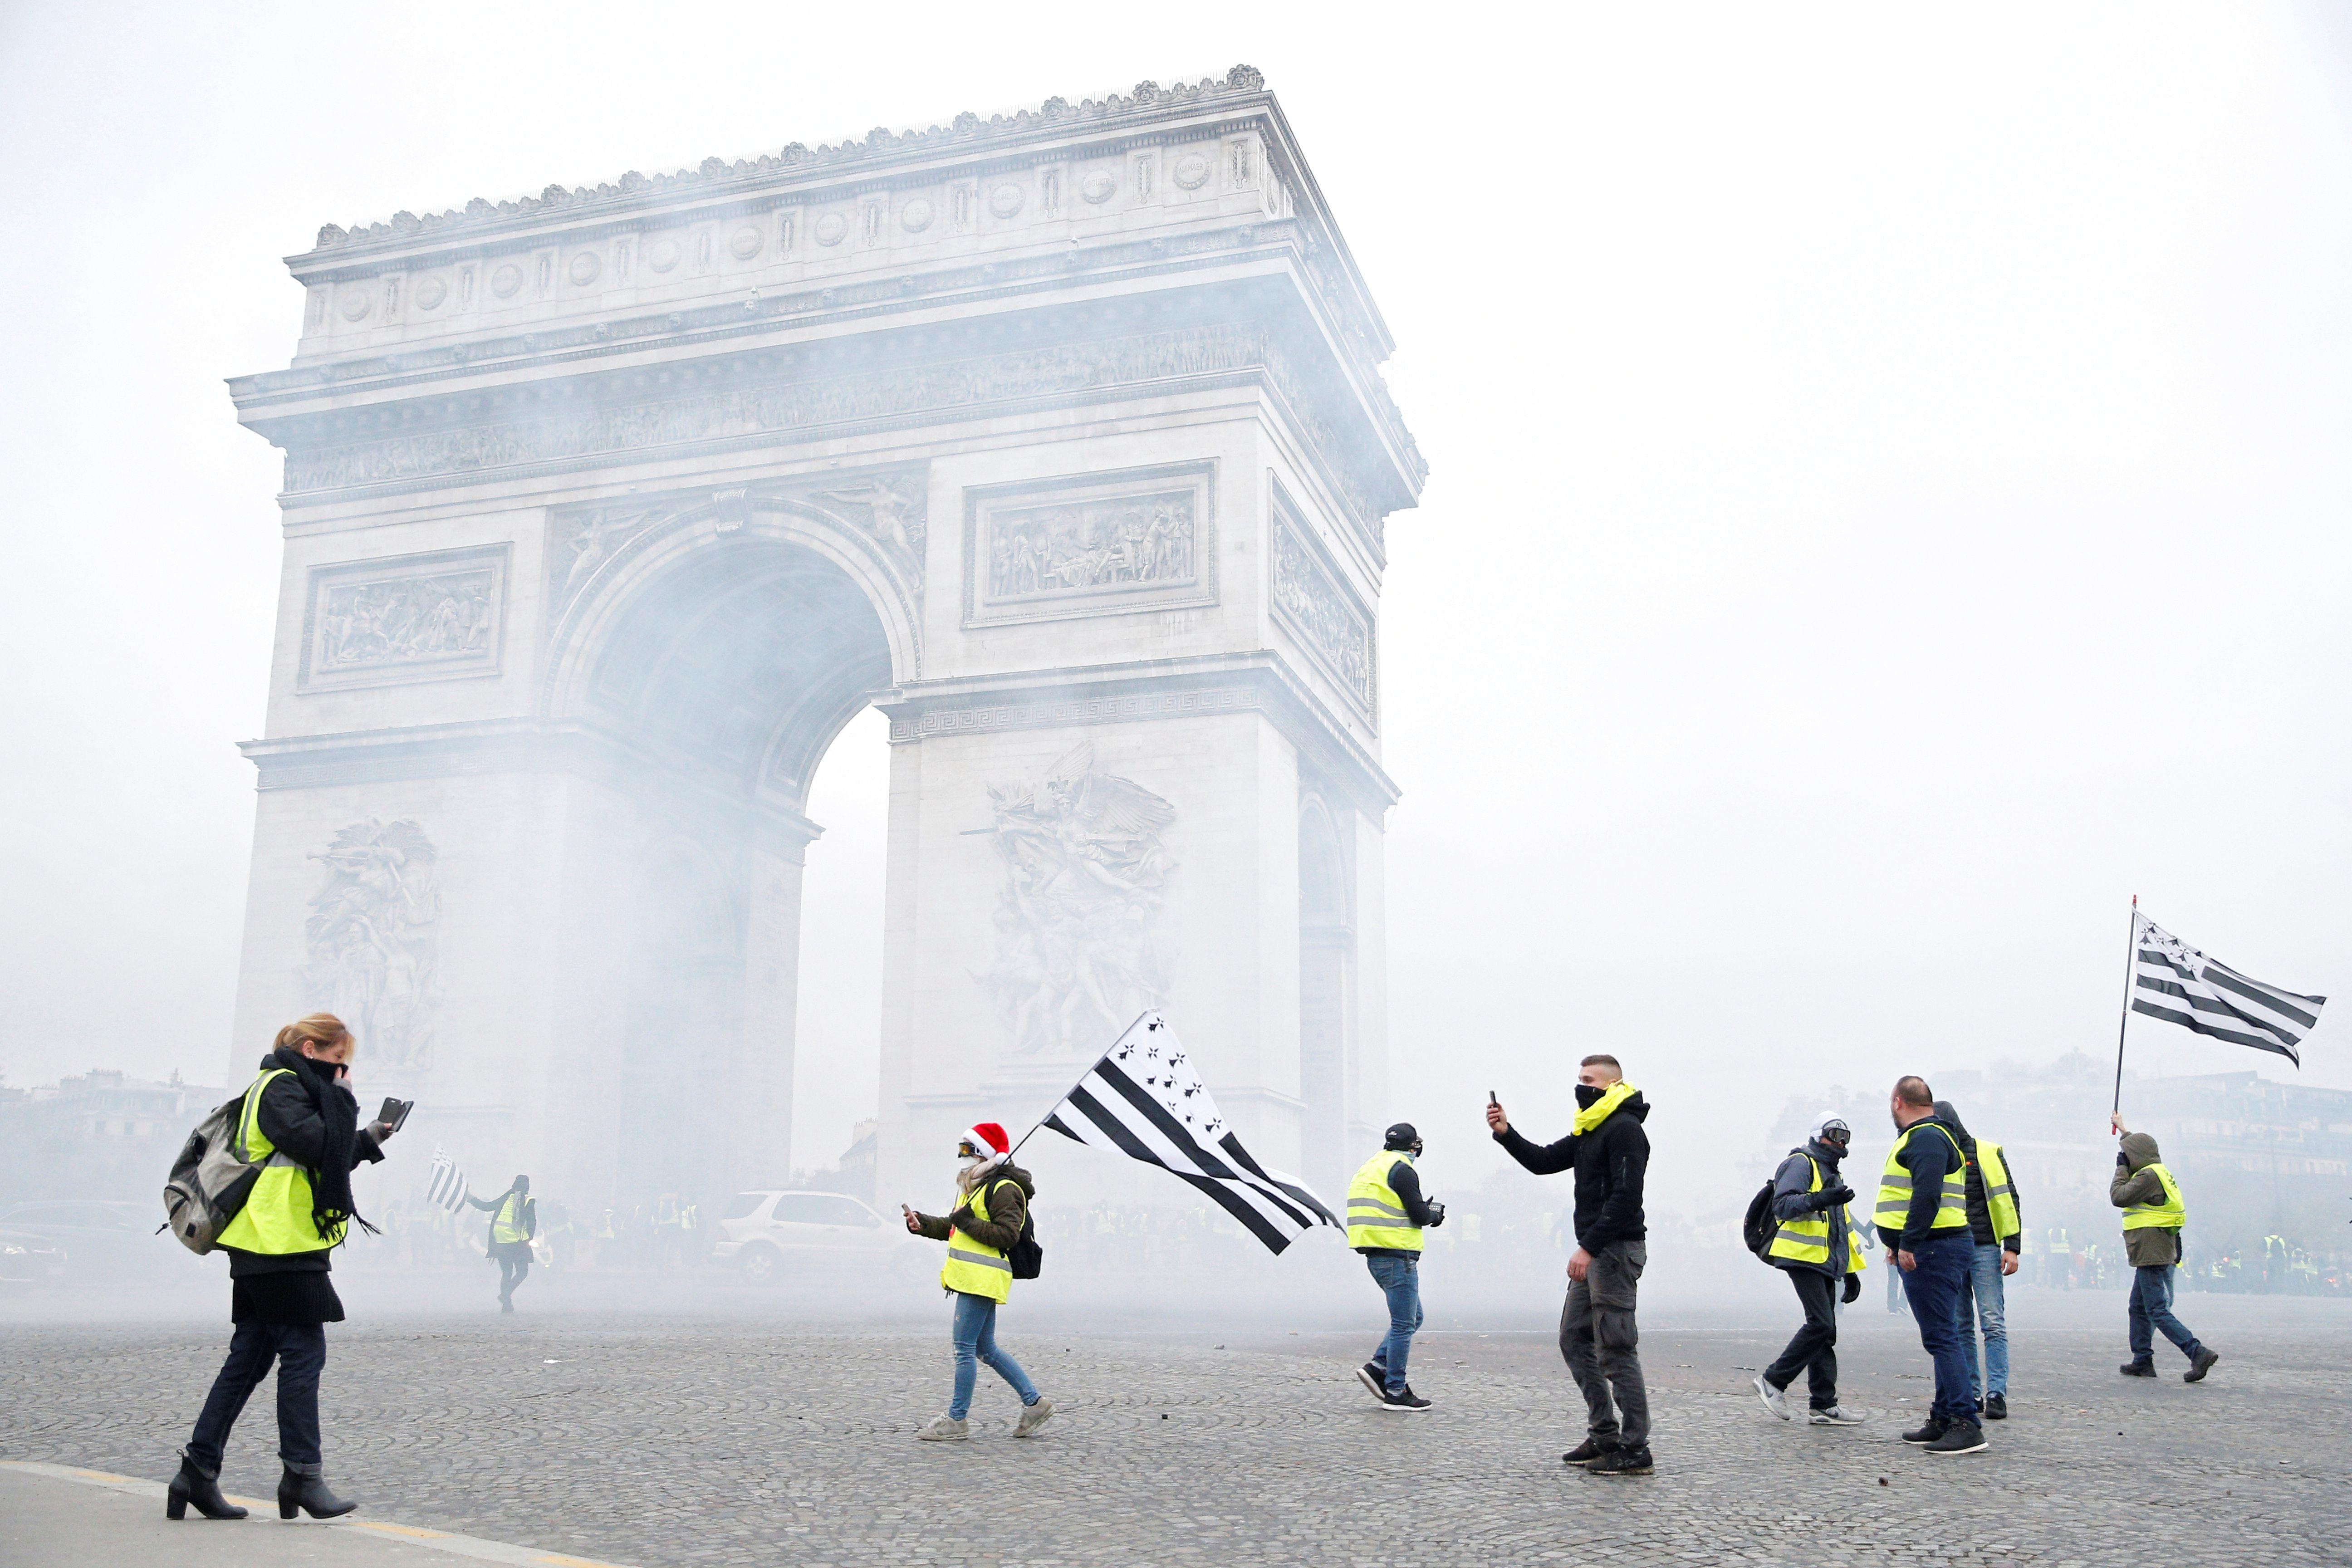 Le 1er décembre 2018, des gilets jaunes étaient entrés dans l'arc de Triomphe après une manifestation